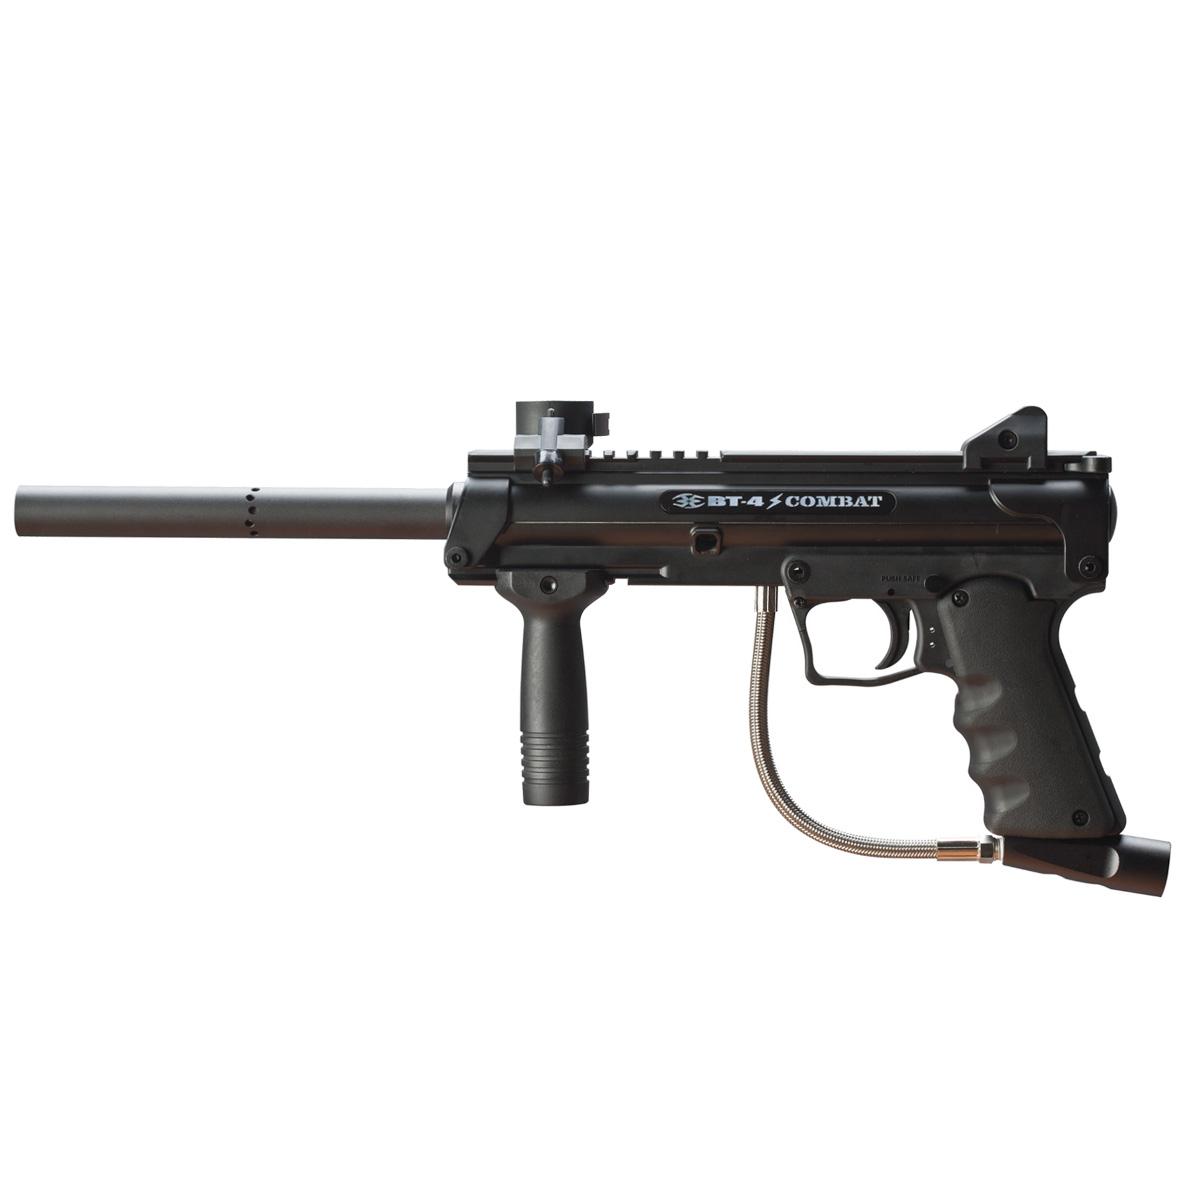 Empire Battle Tested BT4 Slice Combat Paintball Gun 0 Värikuula aseen kanssa liikkunut poika aiheutti pelkoa